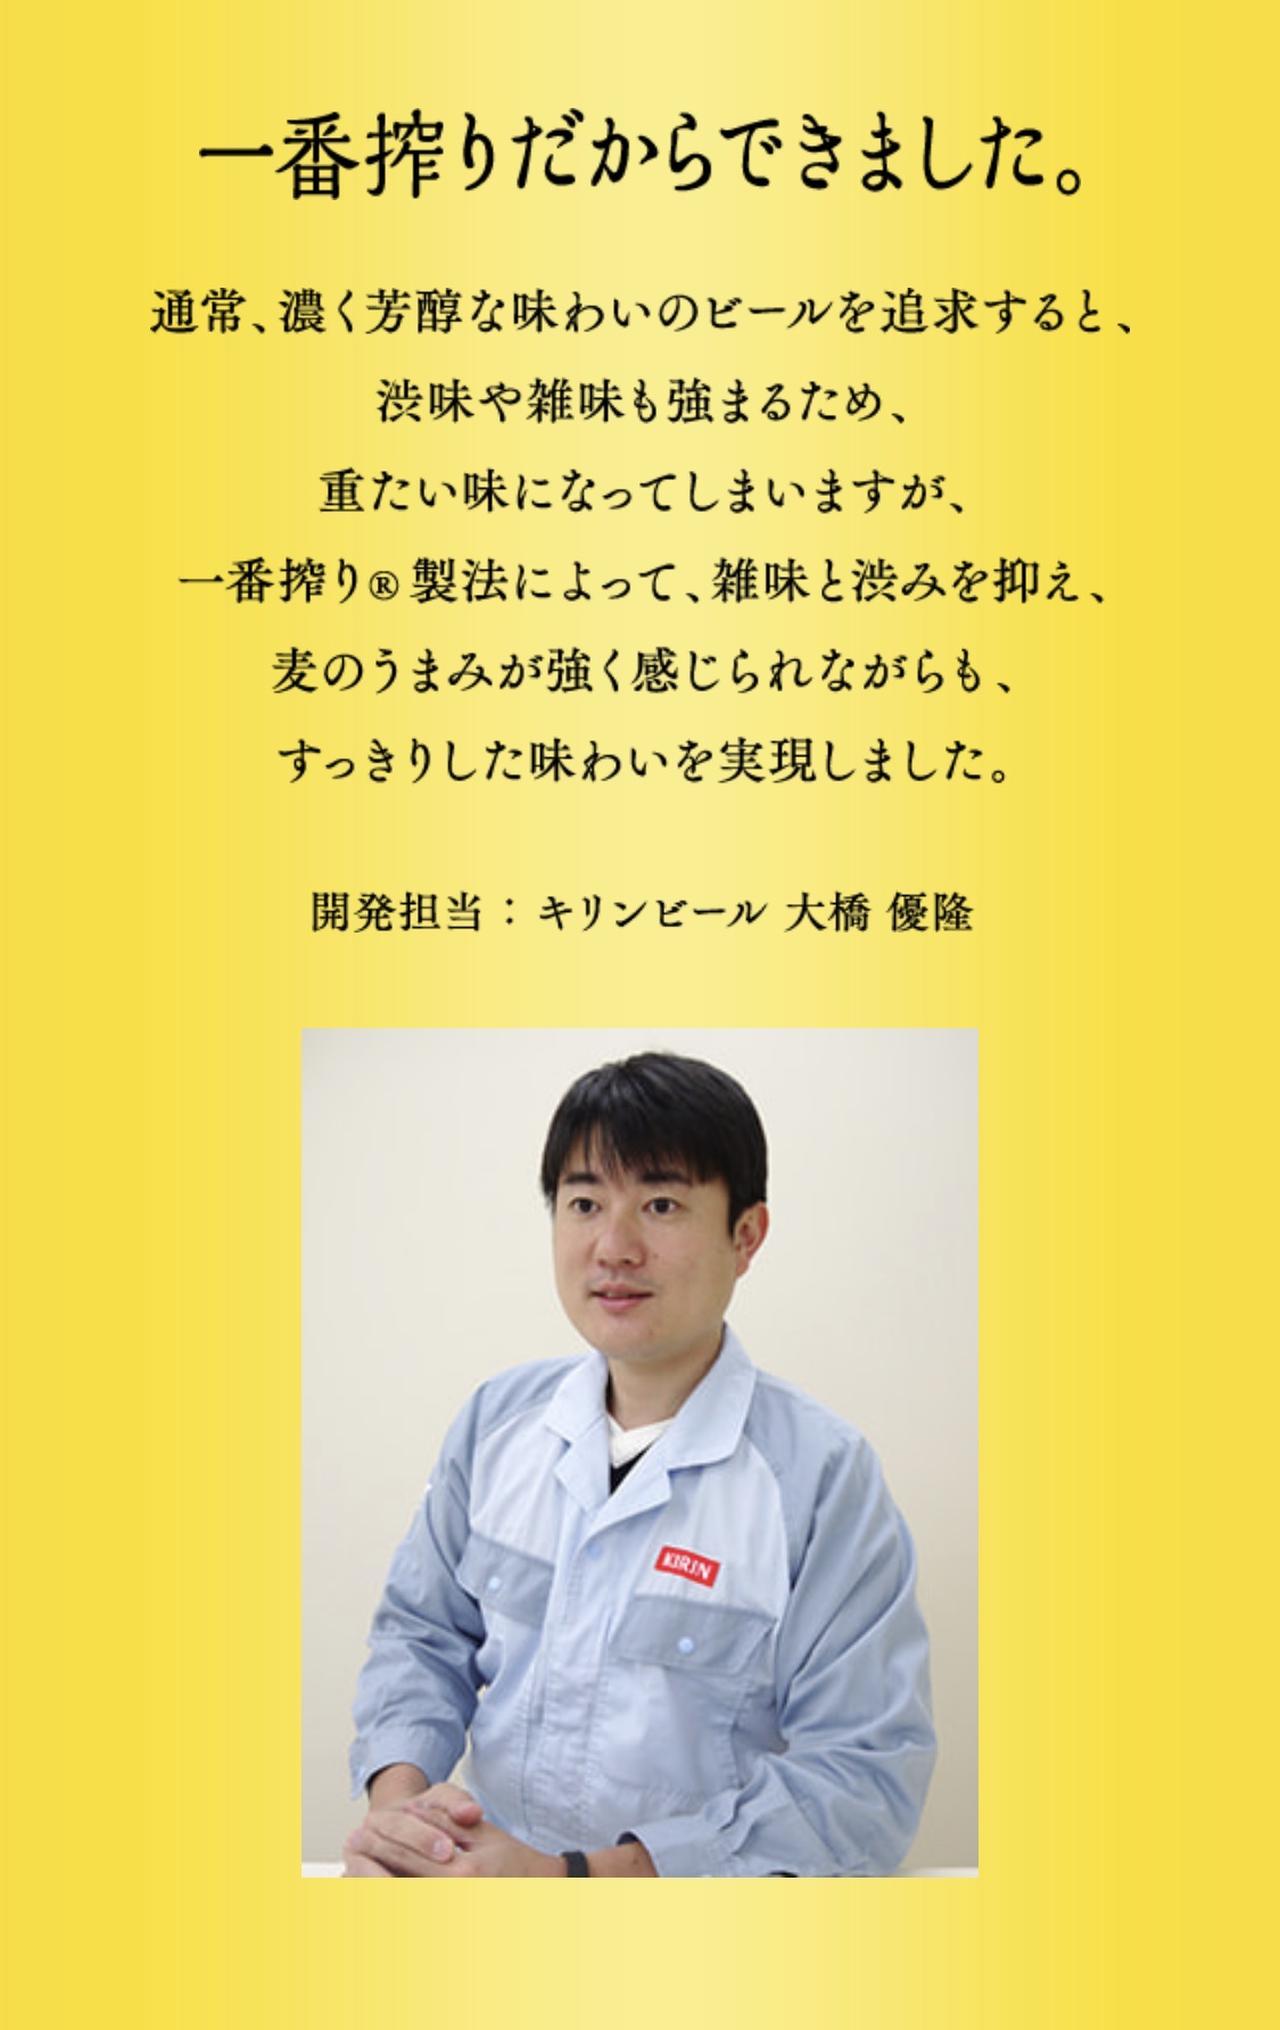 画像2: www.kirin.co.jp